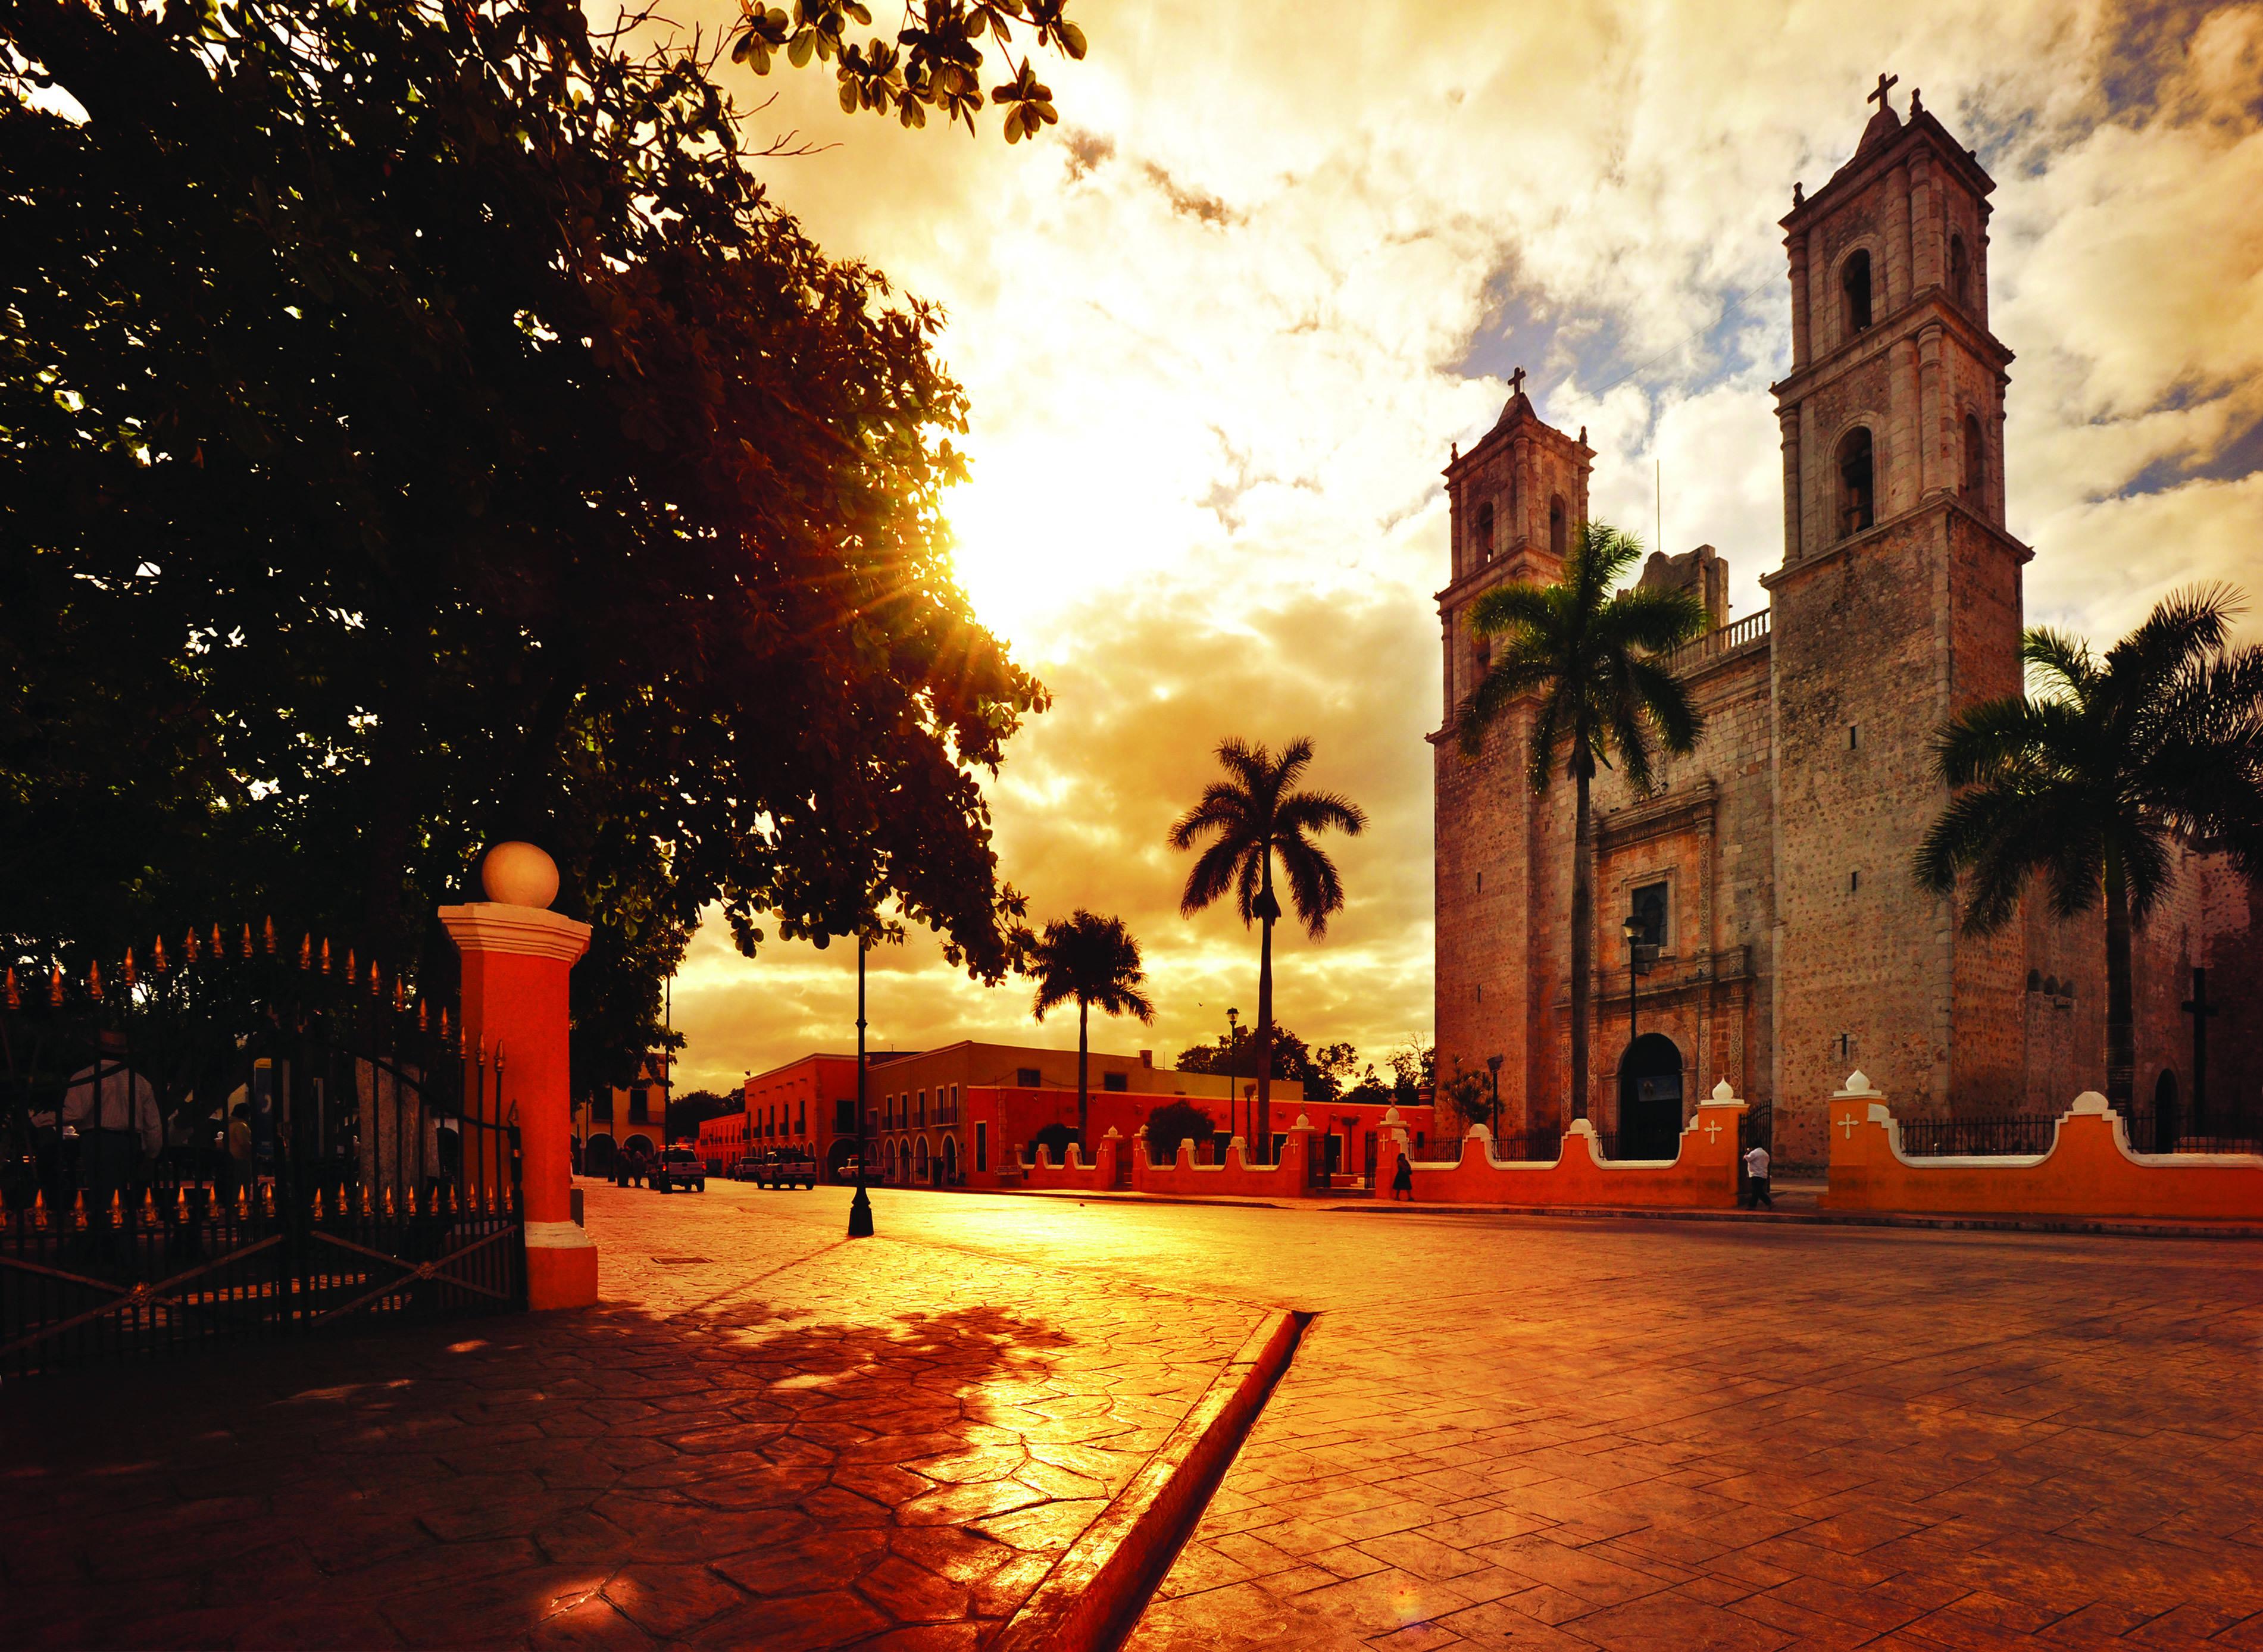 2,到访蒂华纳,体验墨西哥风情